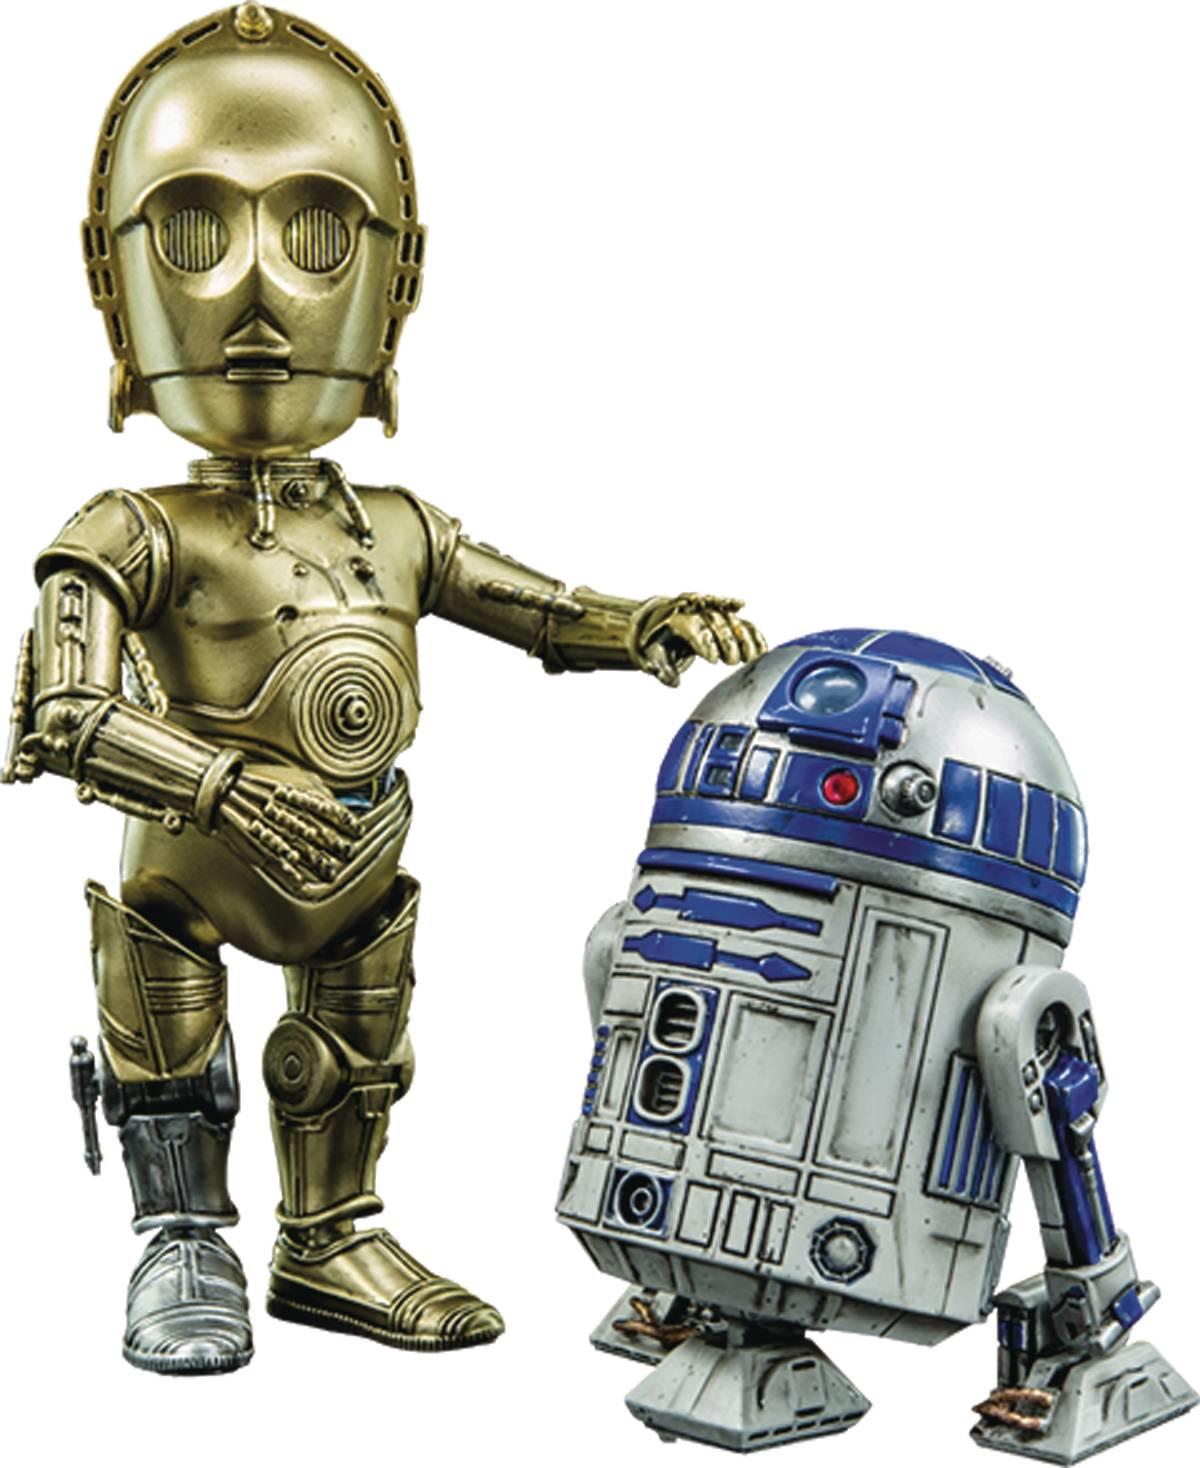 HeroCross  024 estrella  guerras C-3PO & R2-D2 Set of 2  migliore qualità